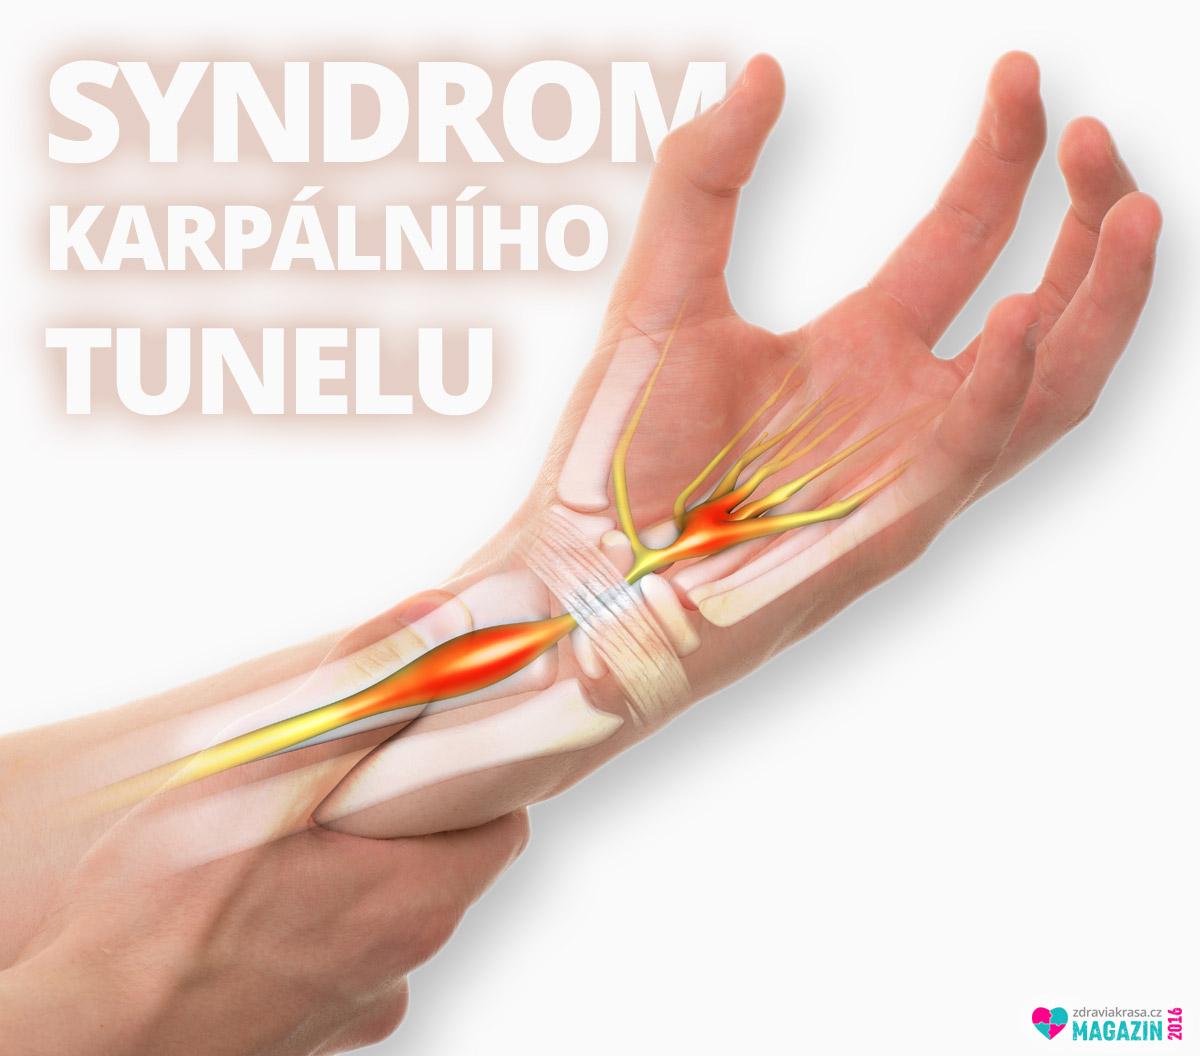 Syndrom karpálního tunelu umí znepříjemnit i znemožnit běžné denní domácí či pracovní činnosti.